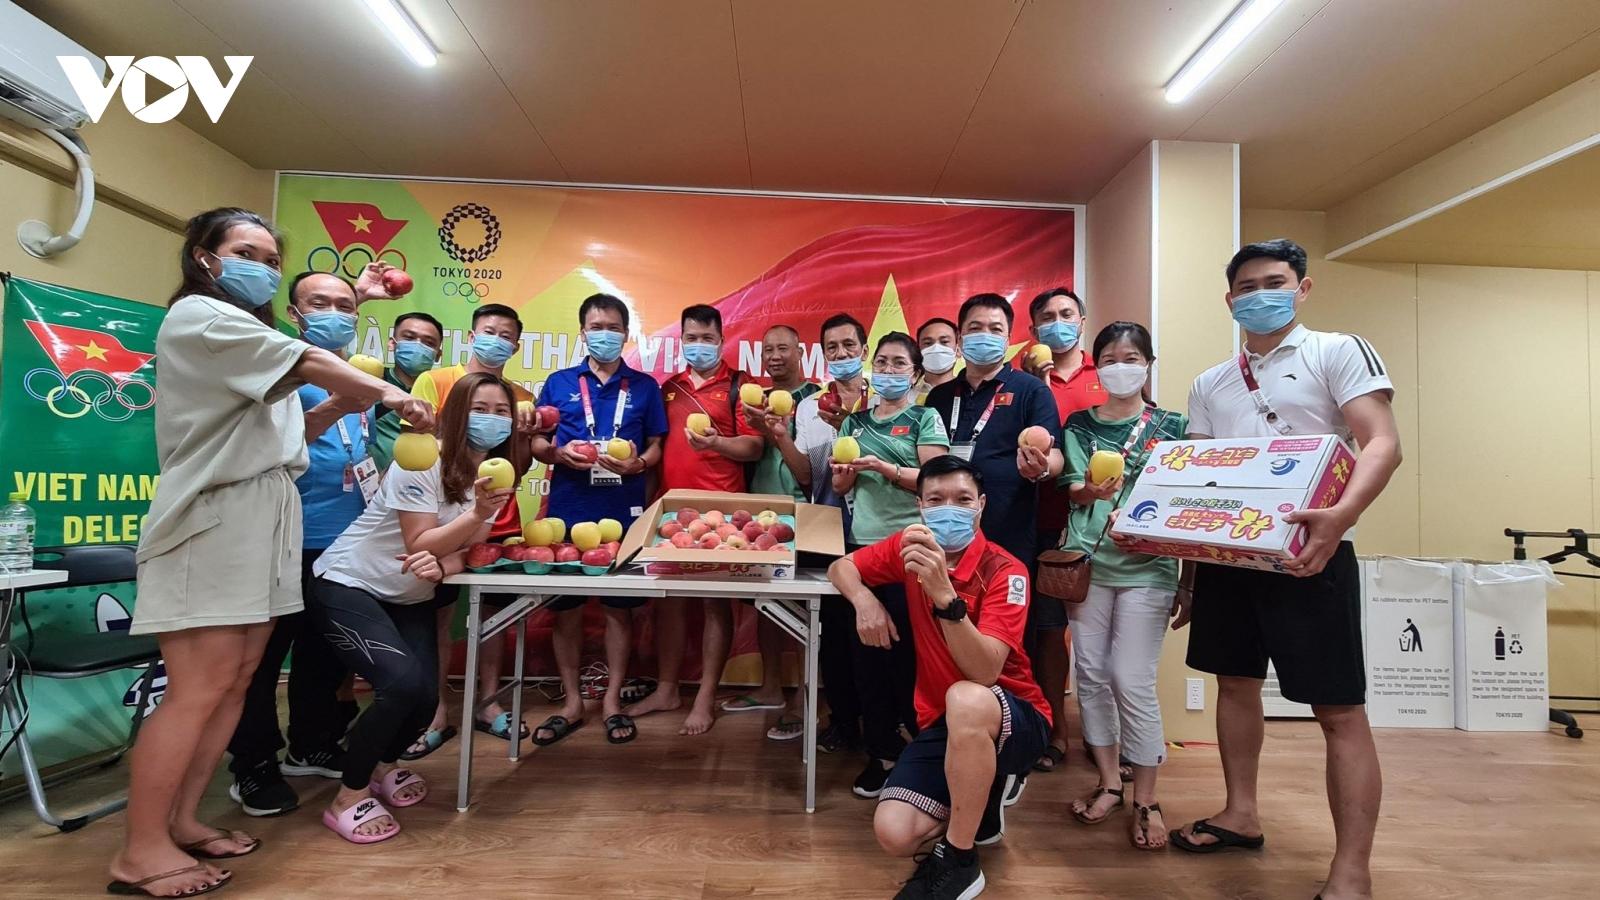 Đoàn VĐV Việt Nam tại Olympic Tokyo thích phim truyền hình